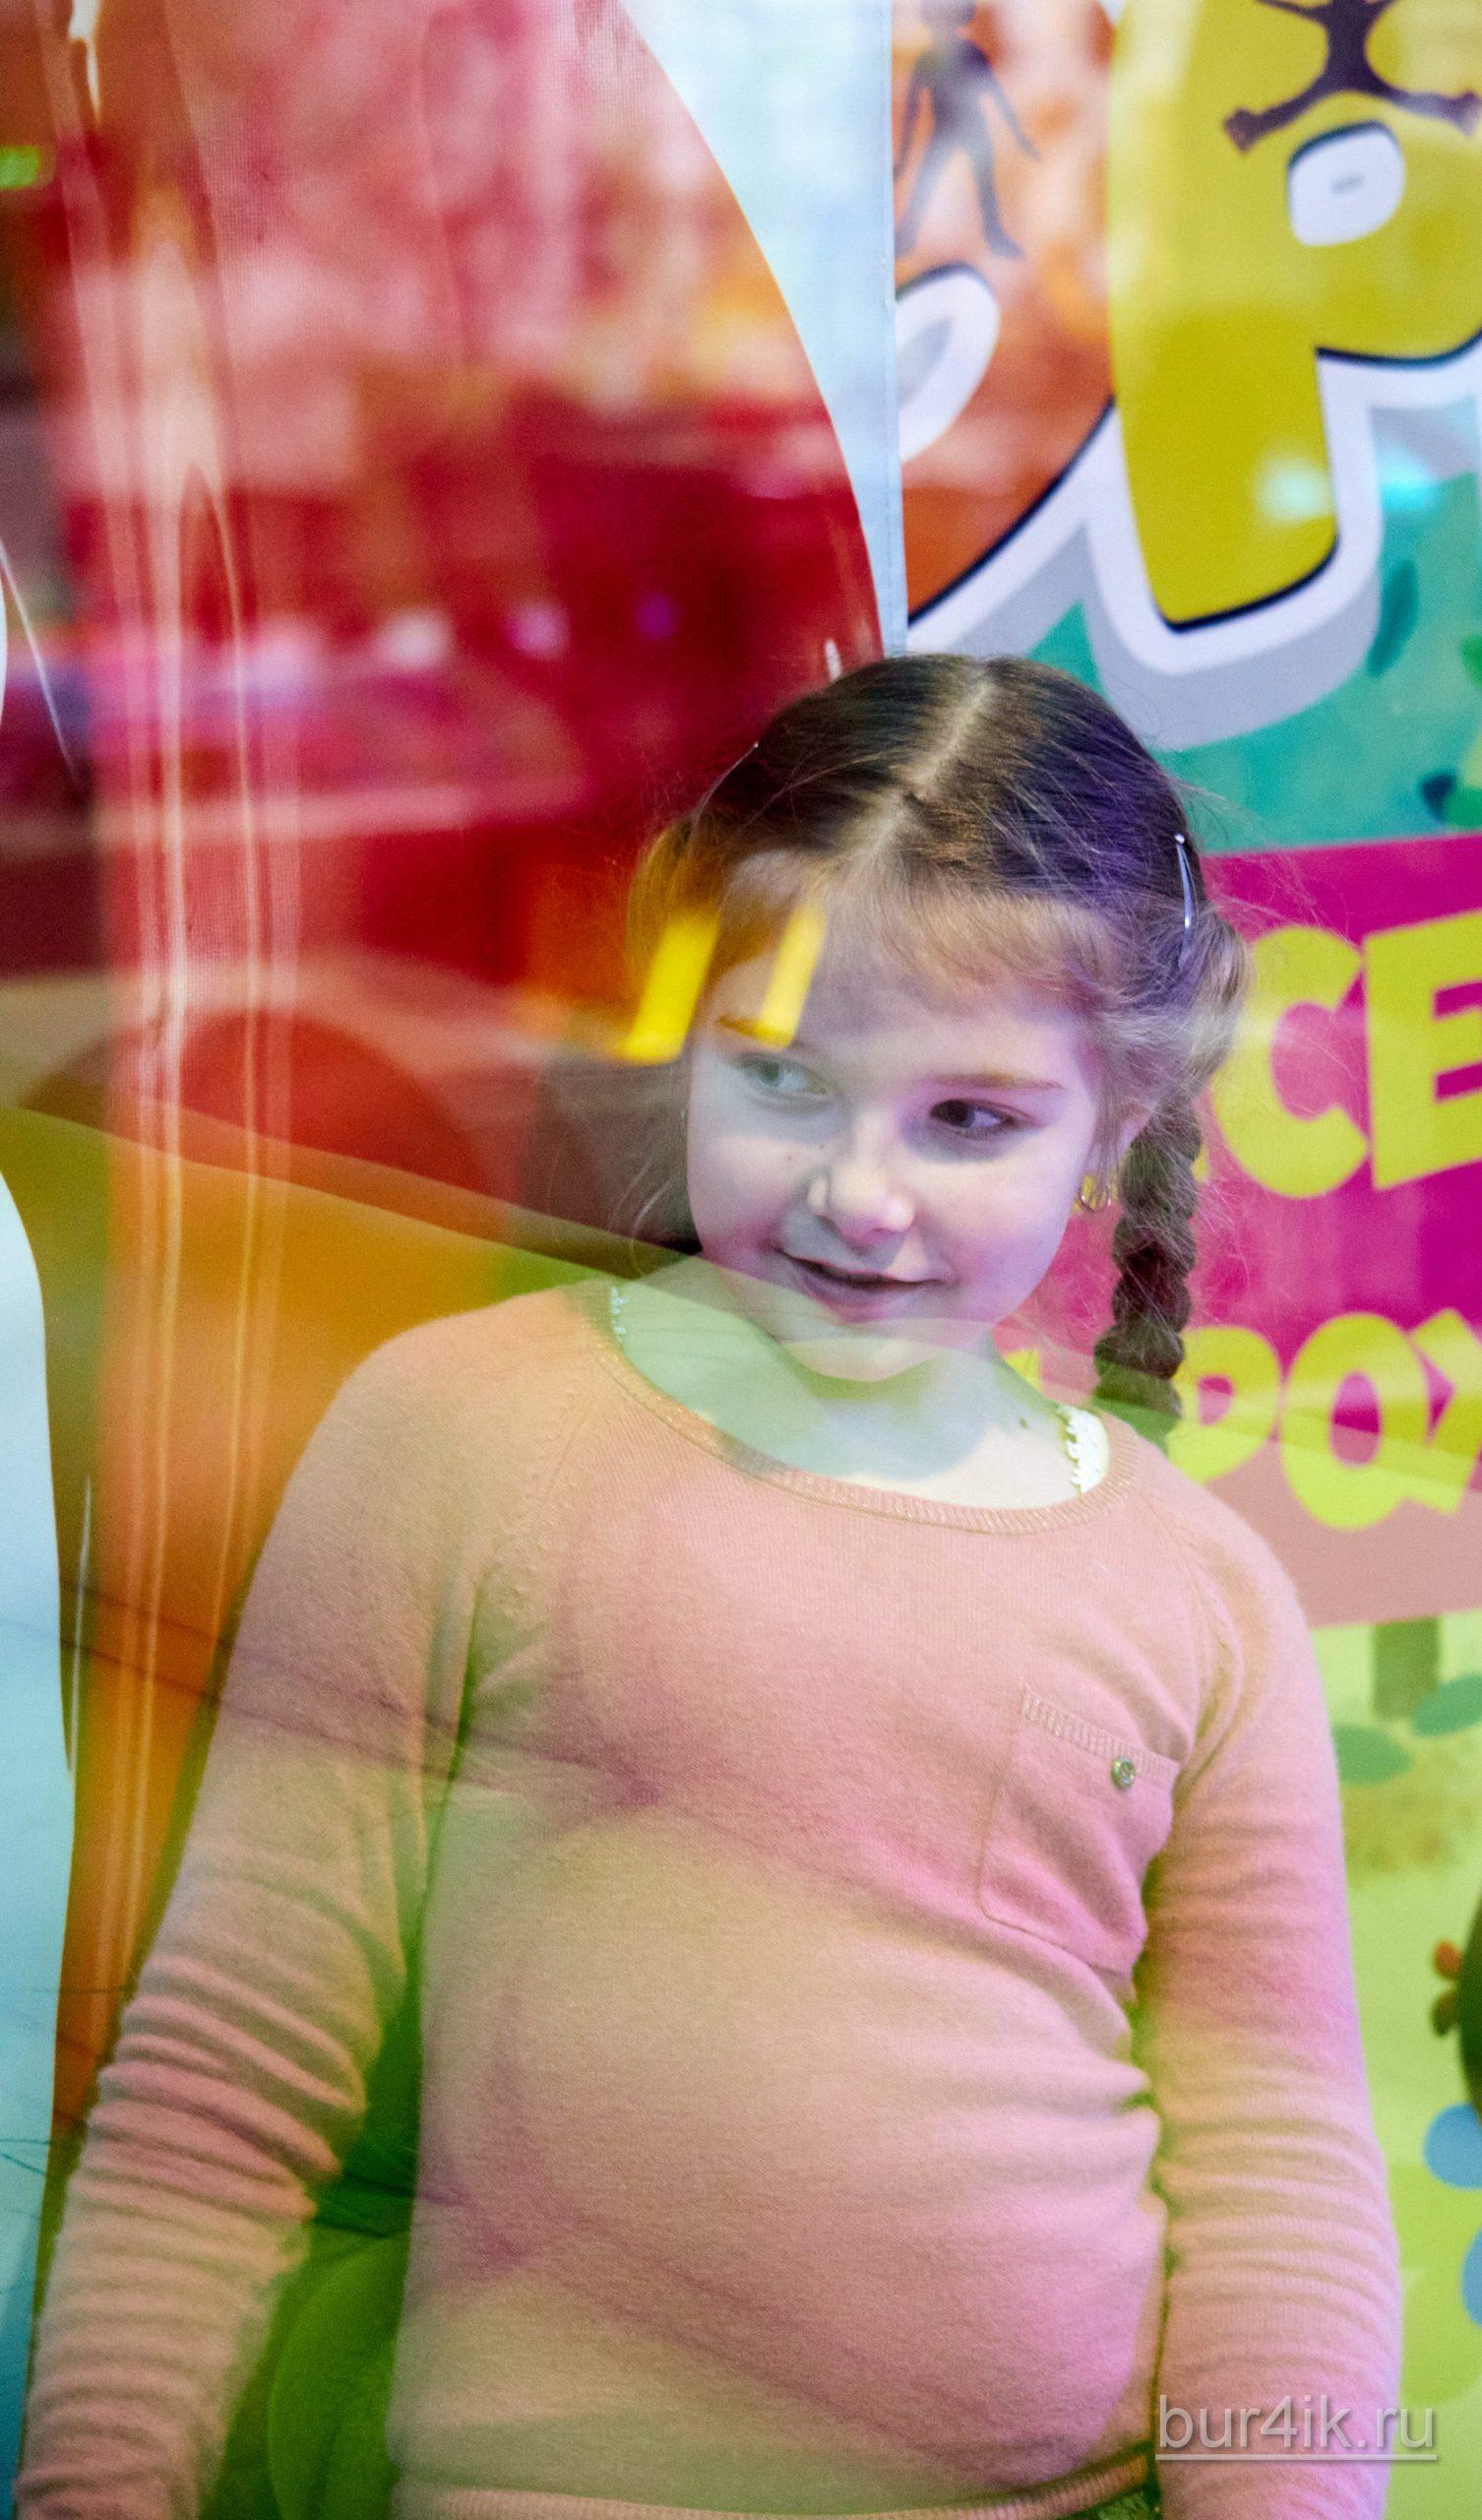 Фото Детское День Рождения в Детский Дворик 15.01.2020 №217 -photo- bur4ik.ru